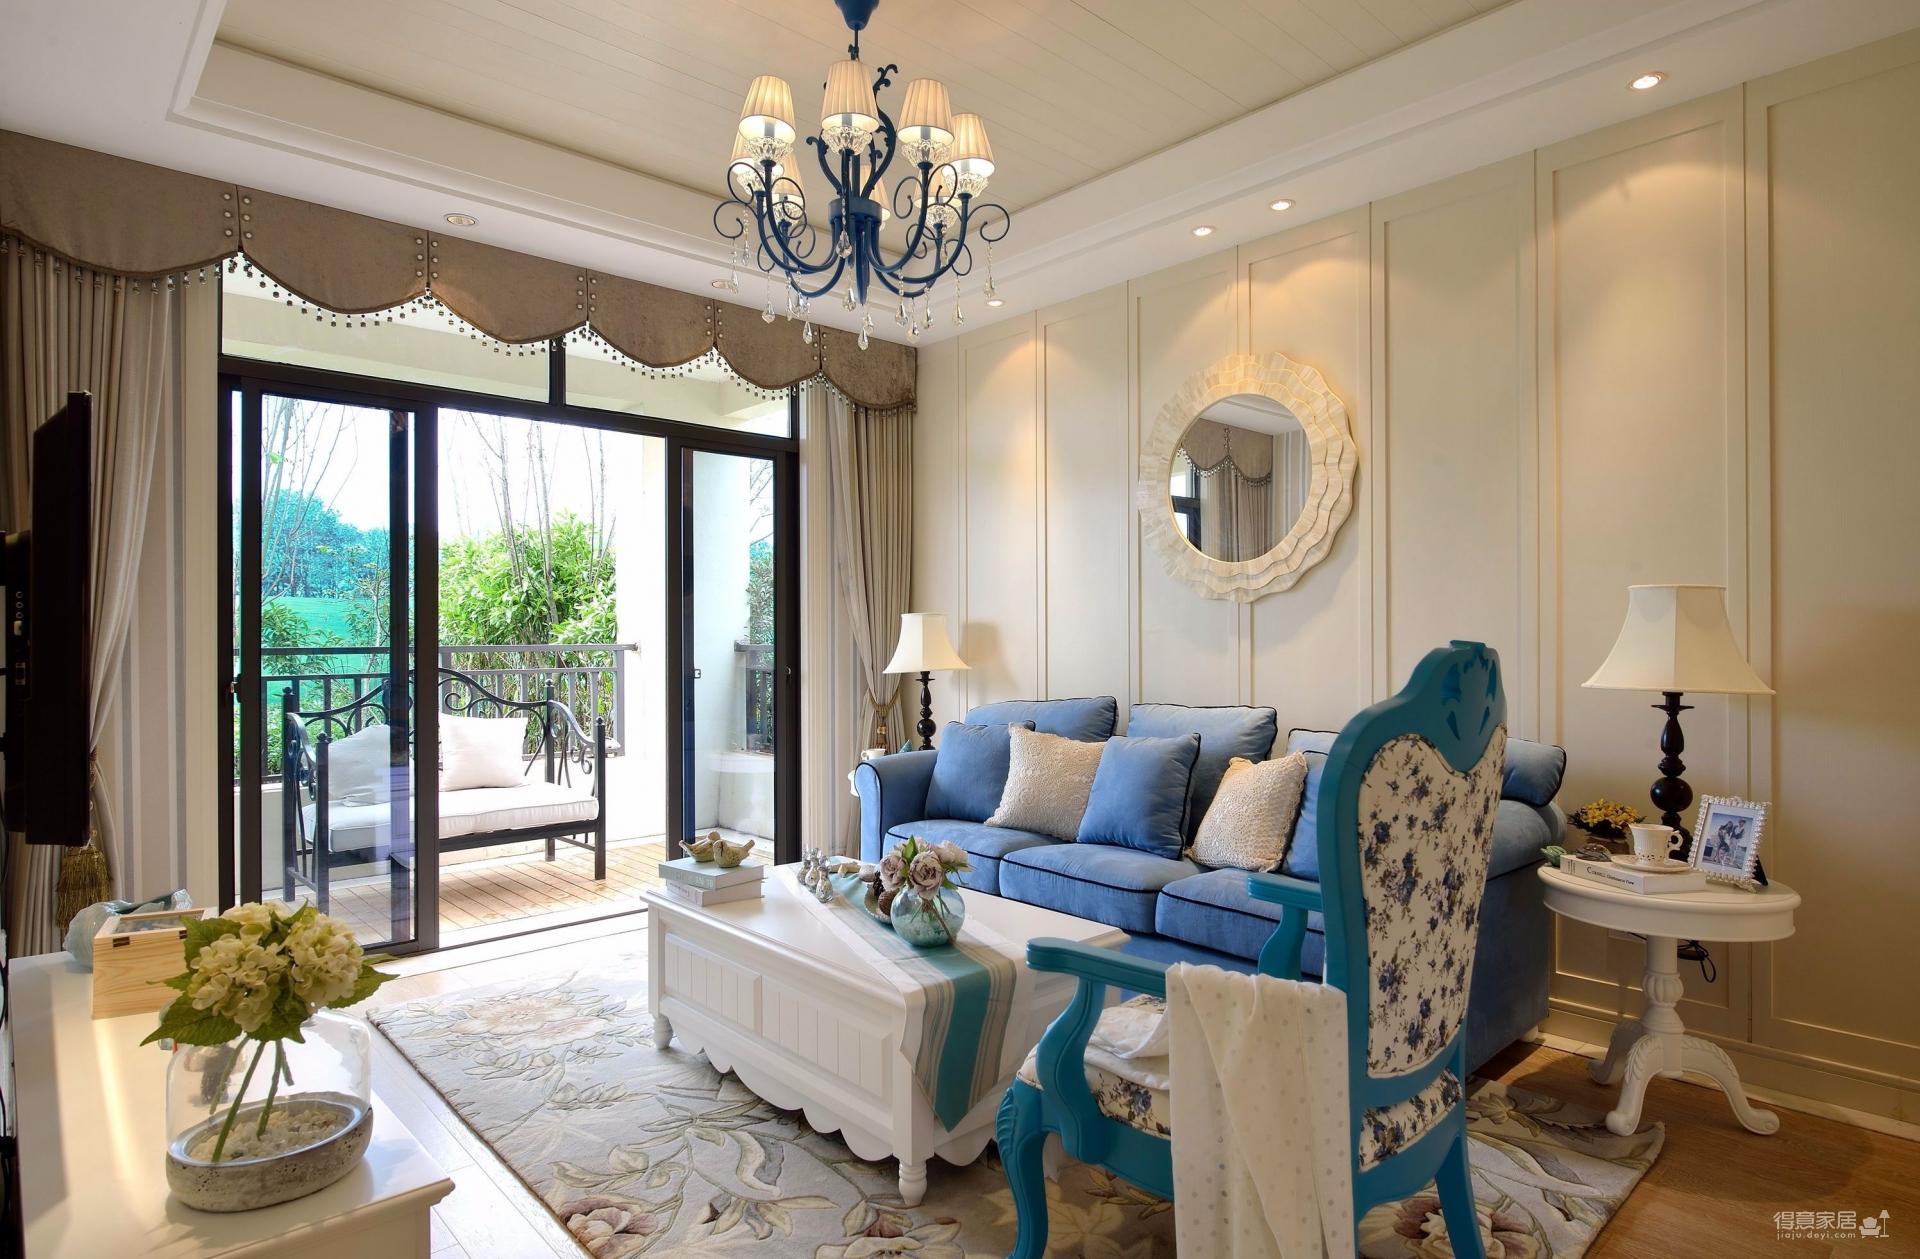 三室一厅-地中海风格-超有情调图_2